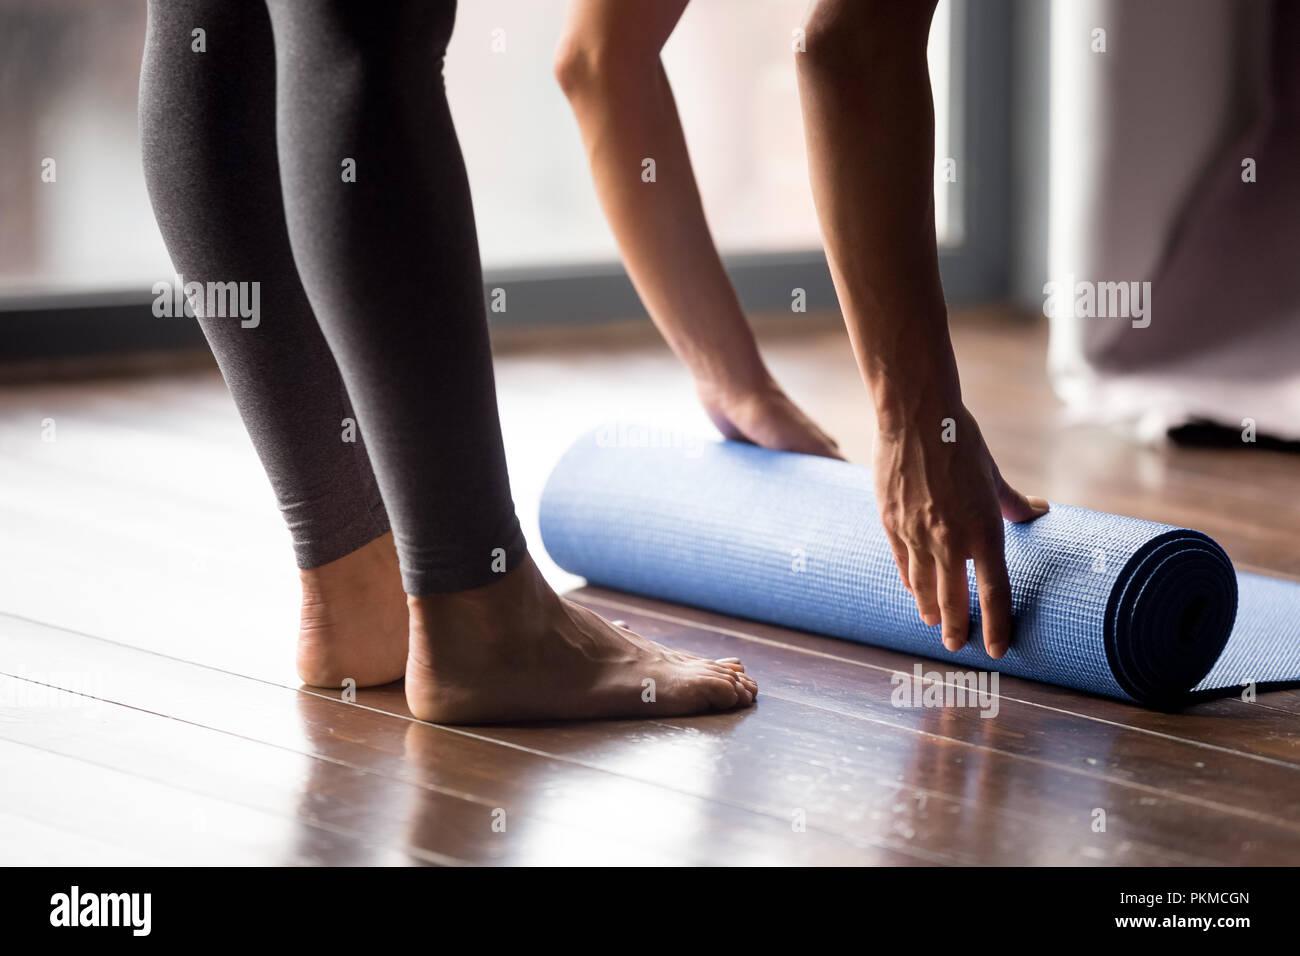 Chica rolling estera del yoga para la meditación o el gimnasio en casa Imagen De Stock